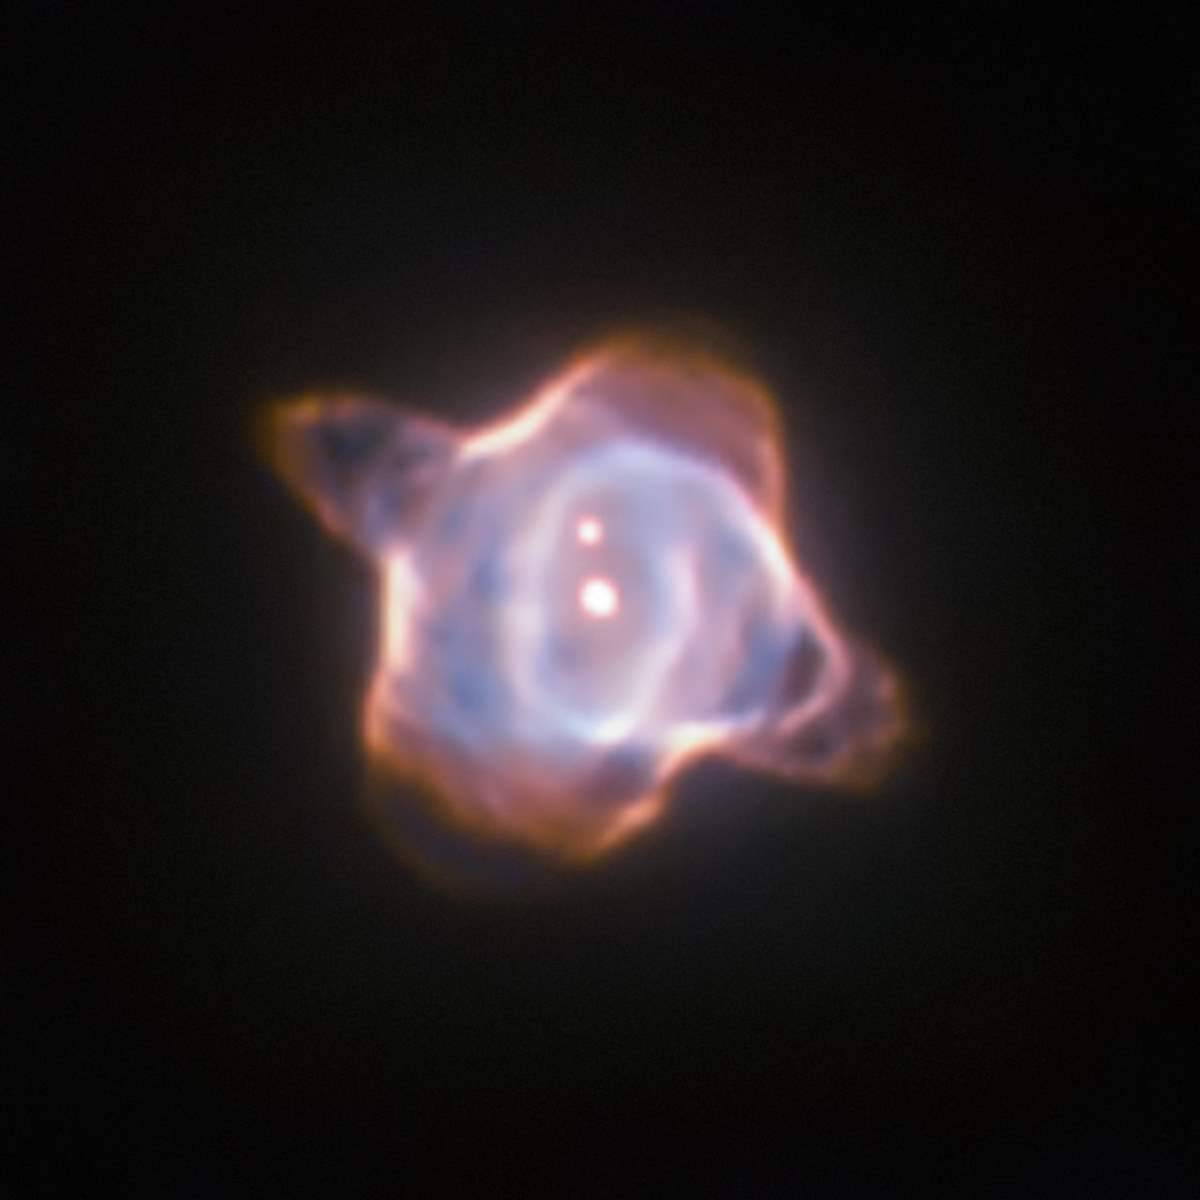 Observando el renacimiento de una estrella